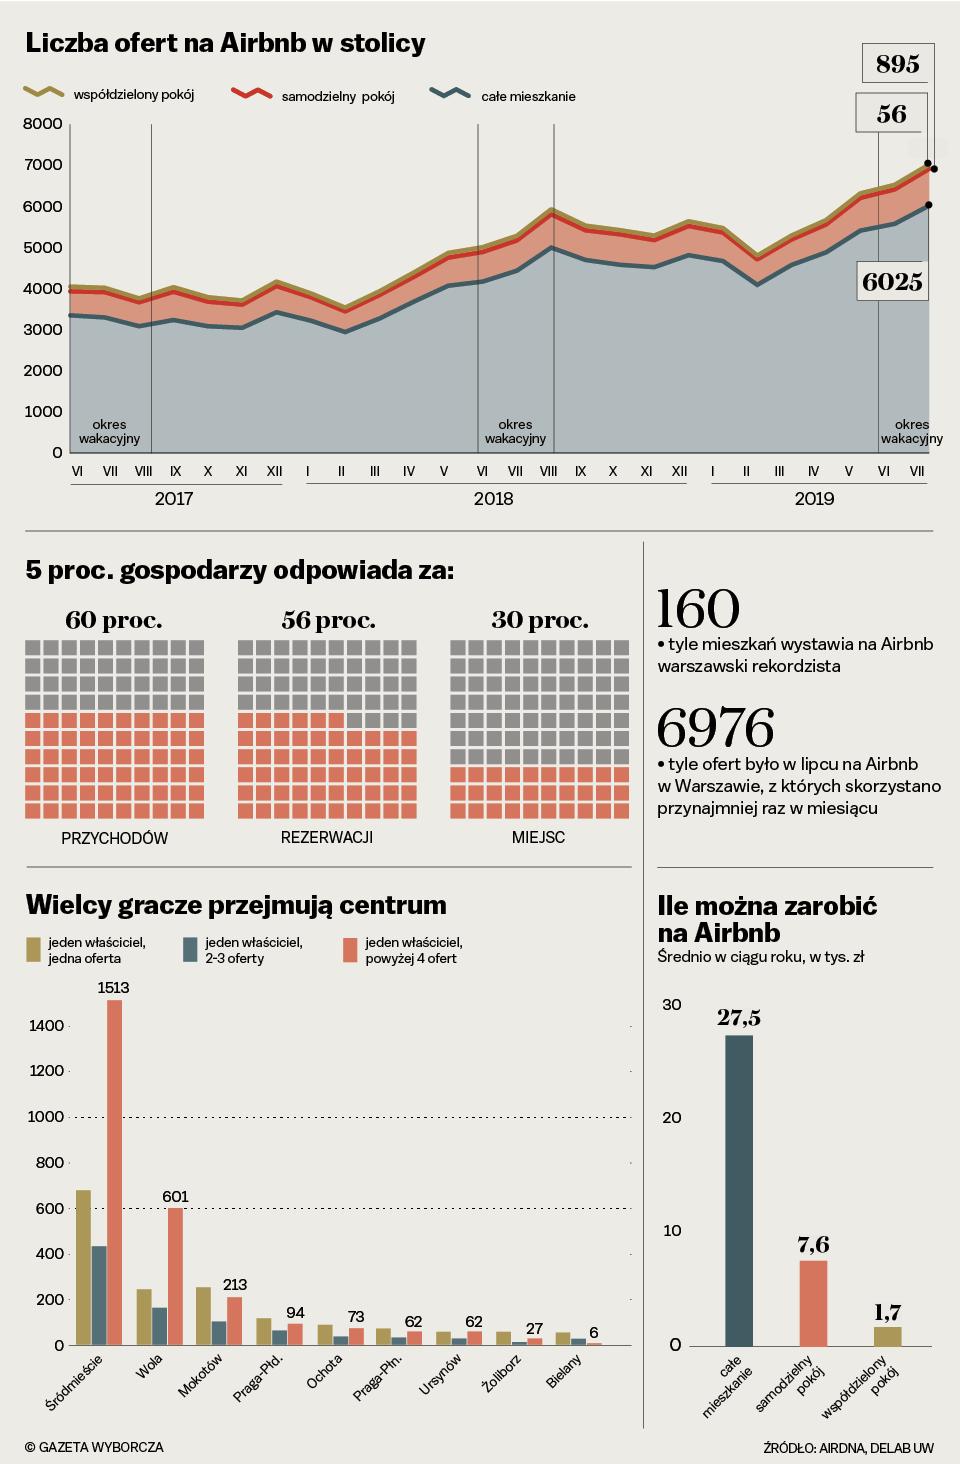 infografika biqdata